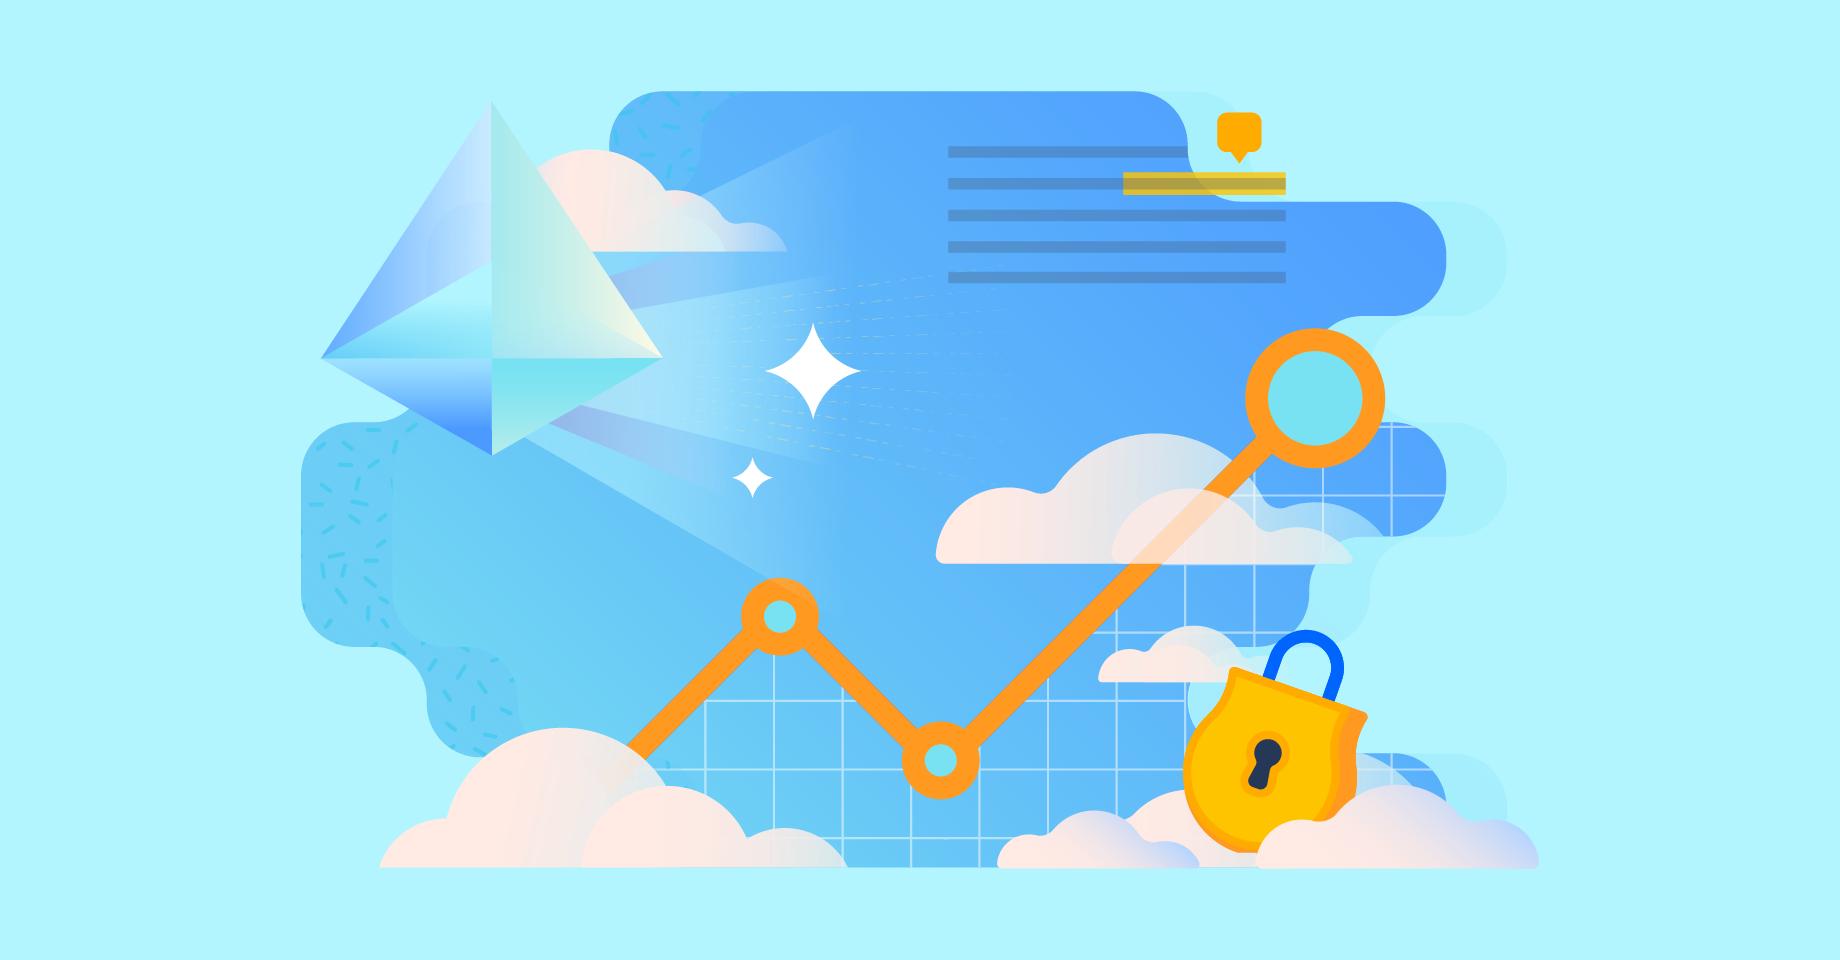 Ilustração do Atlassian Premium